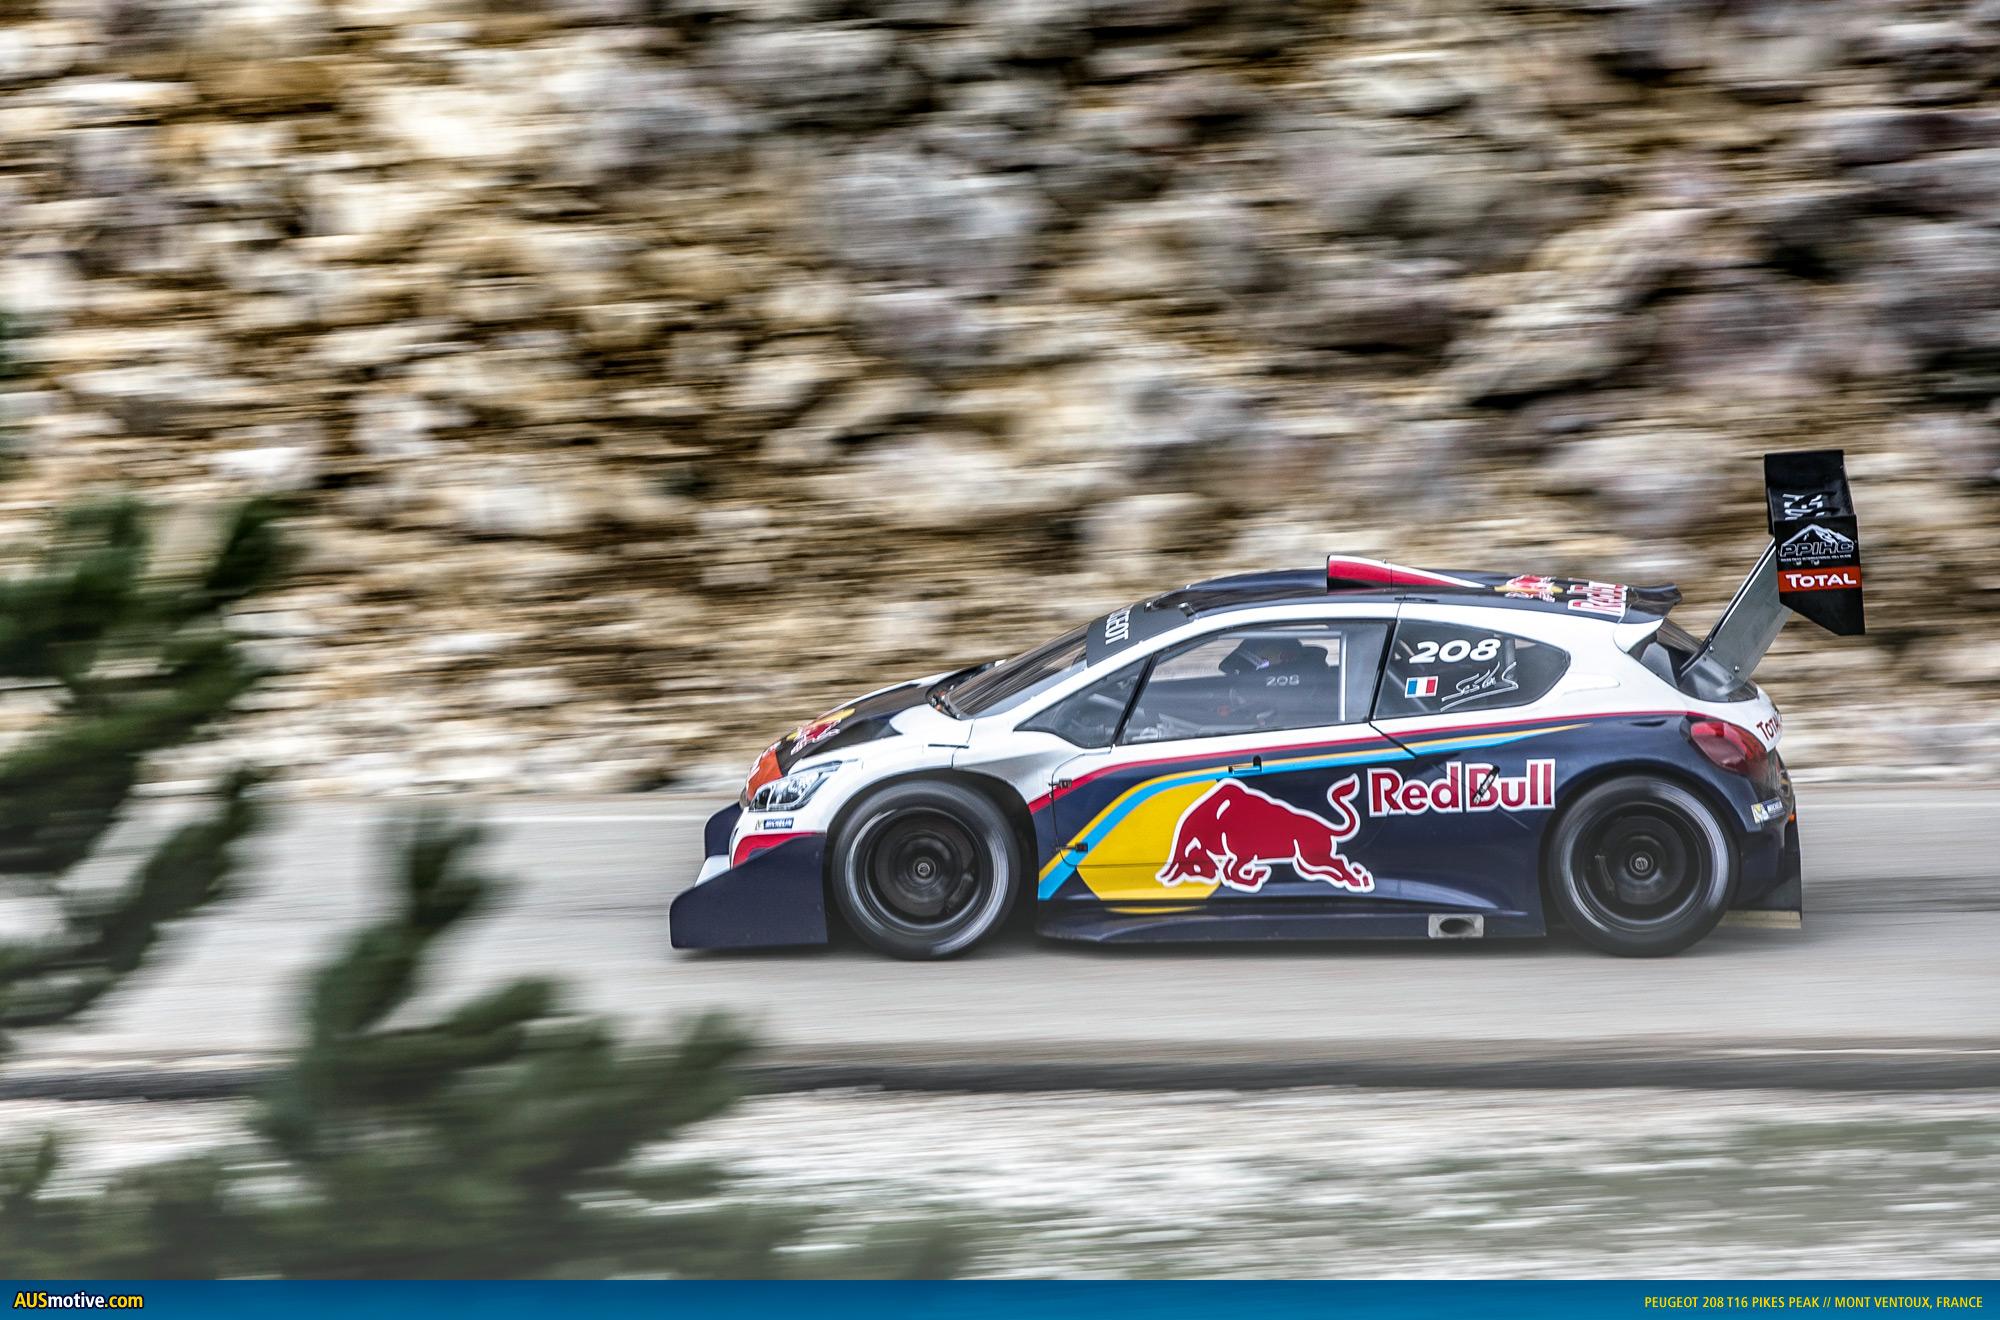 AUSmotive.com » Peugeot Continues 208 T16 Pikes Peak Countdown